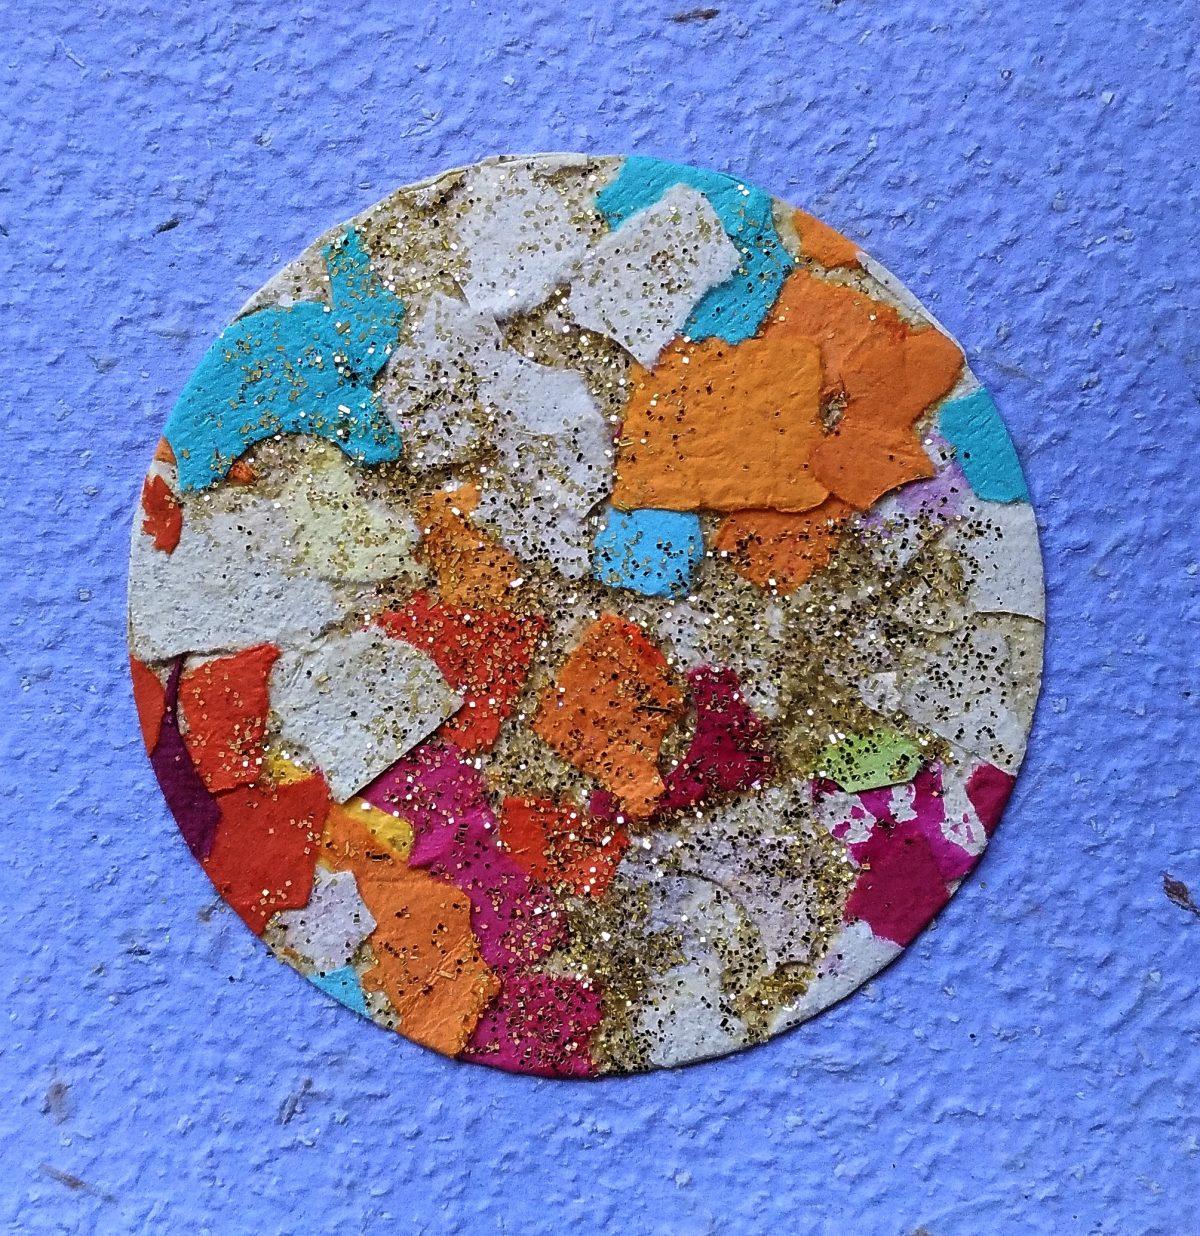 Vošlilnica-mozaik-1200x1236.jpg